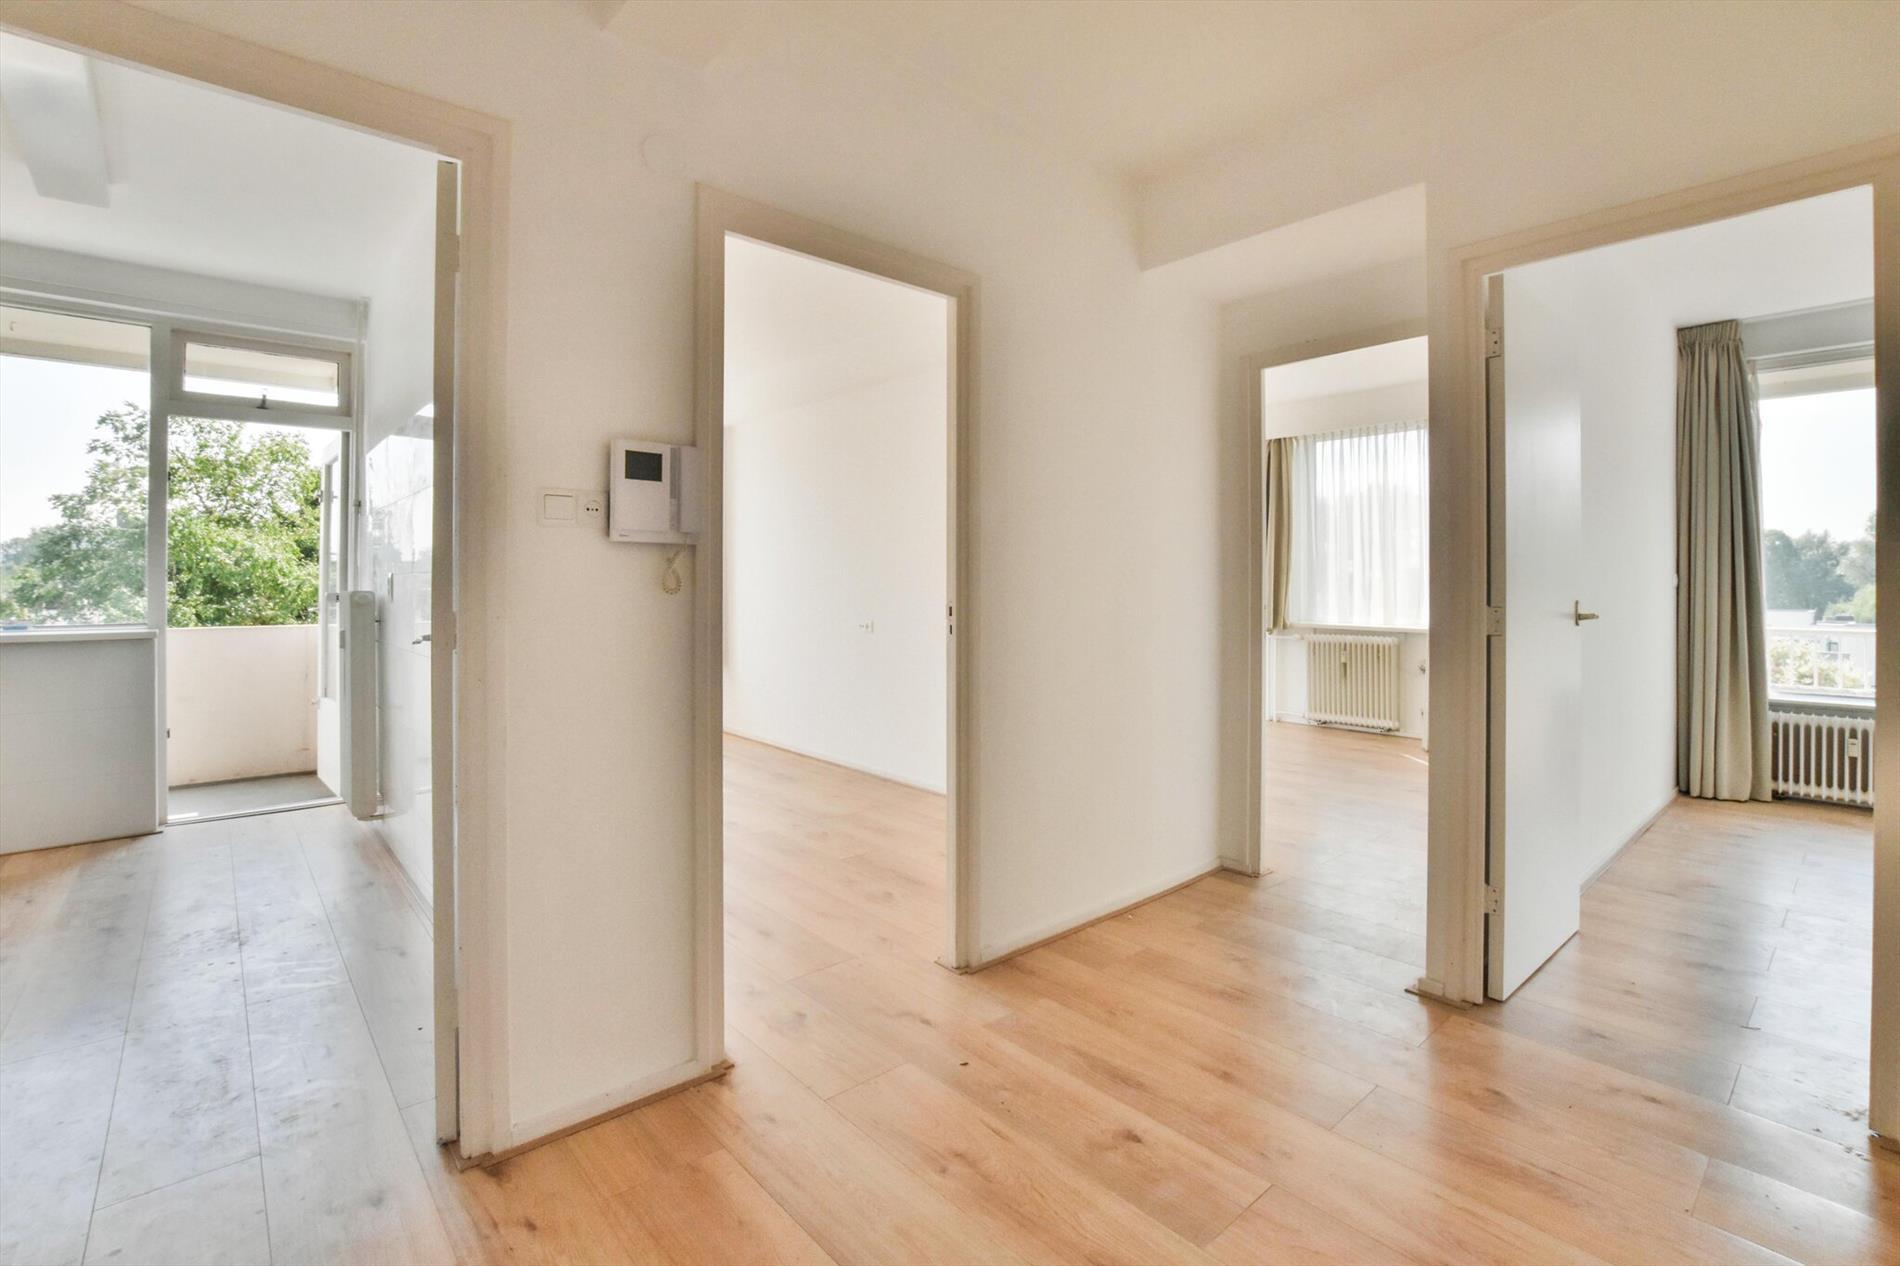 Te huur: Appartement Van Boshuizenstraat, Amsterdam - 3